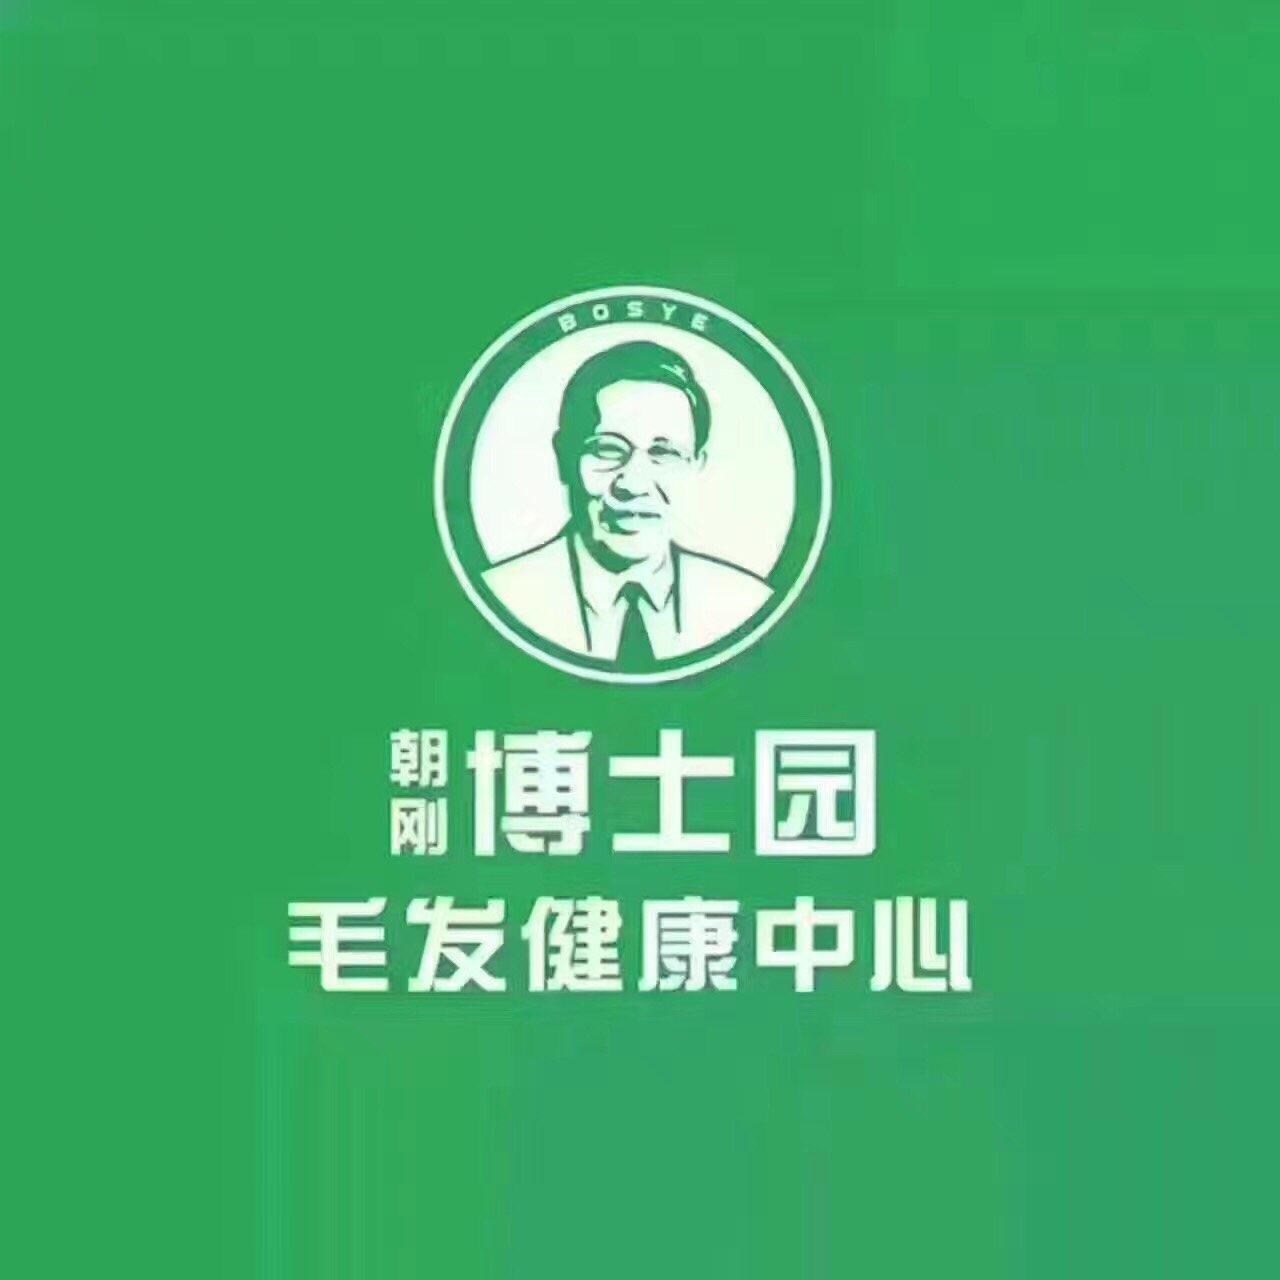 博士园毛发健康馆招聘精英强将!!!